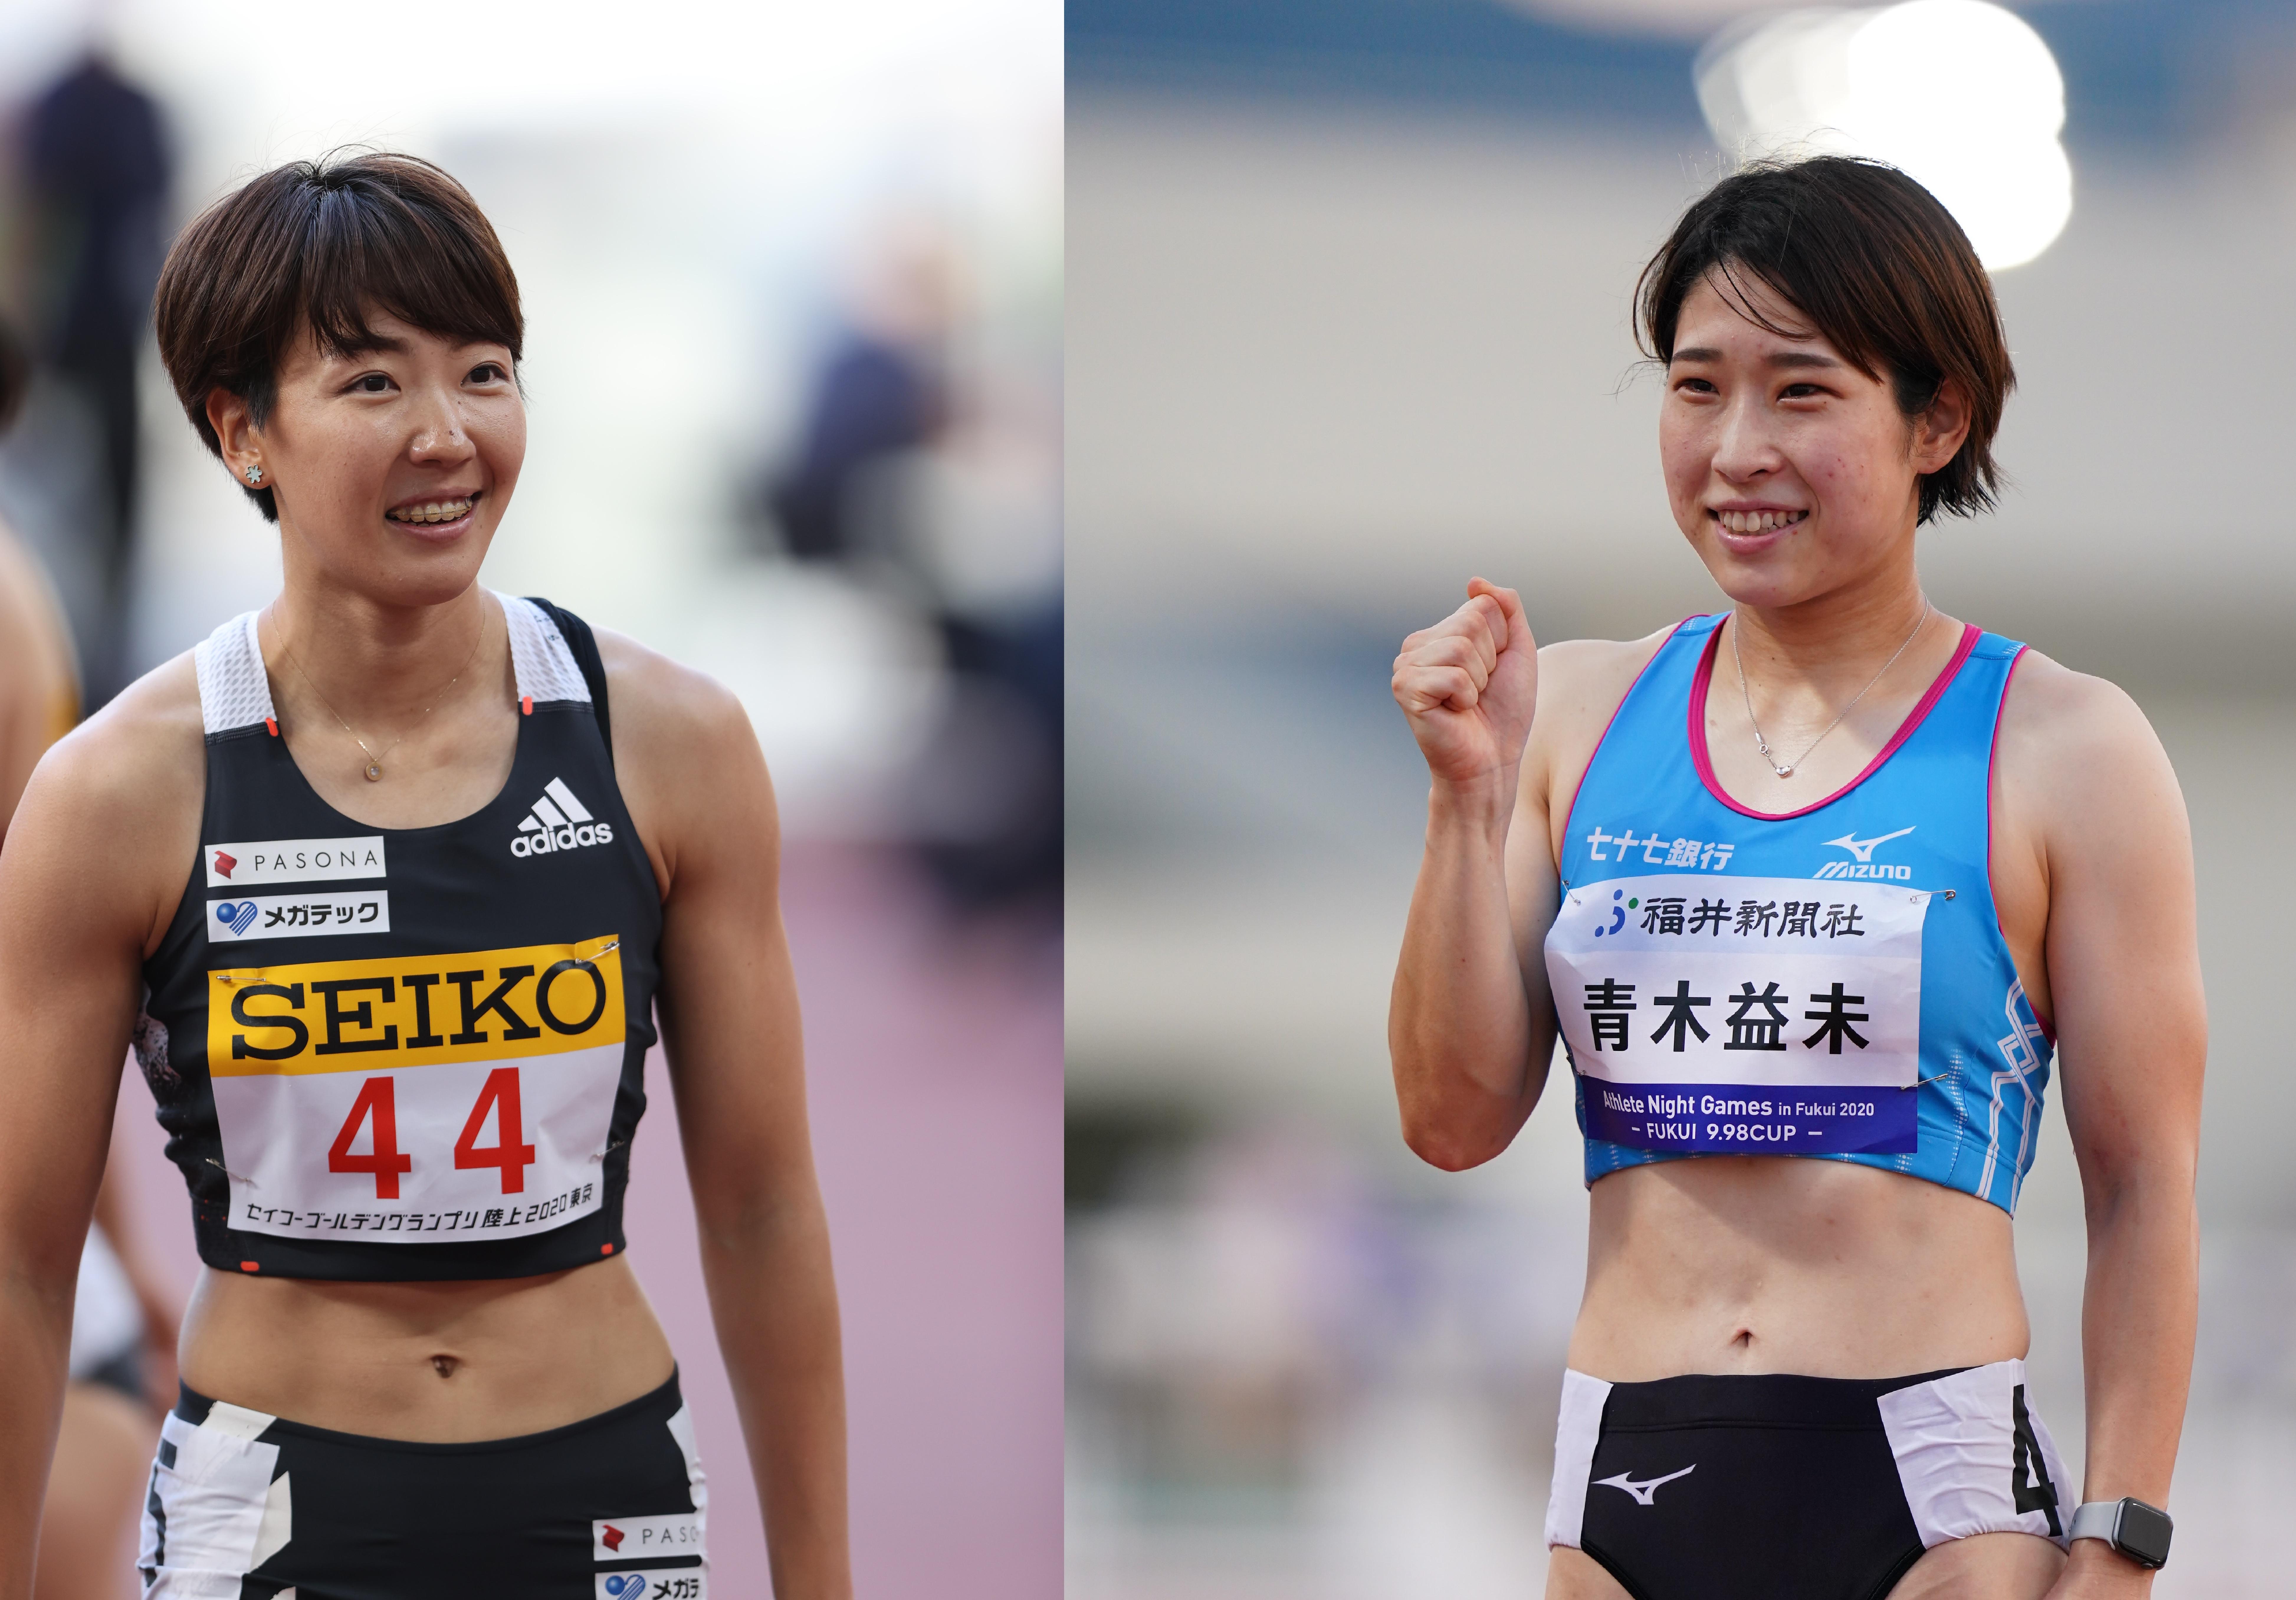 陸上】日本選手権展望・女子100mハードル/寺田、青木の日本新レベル ...